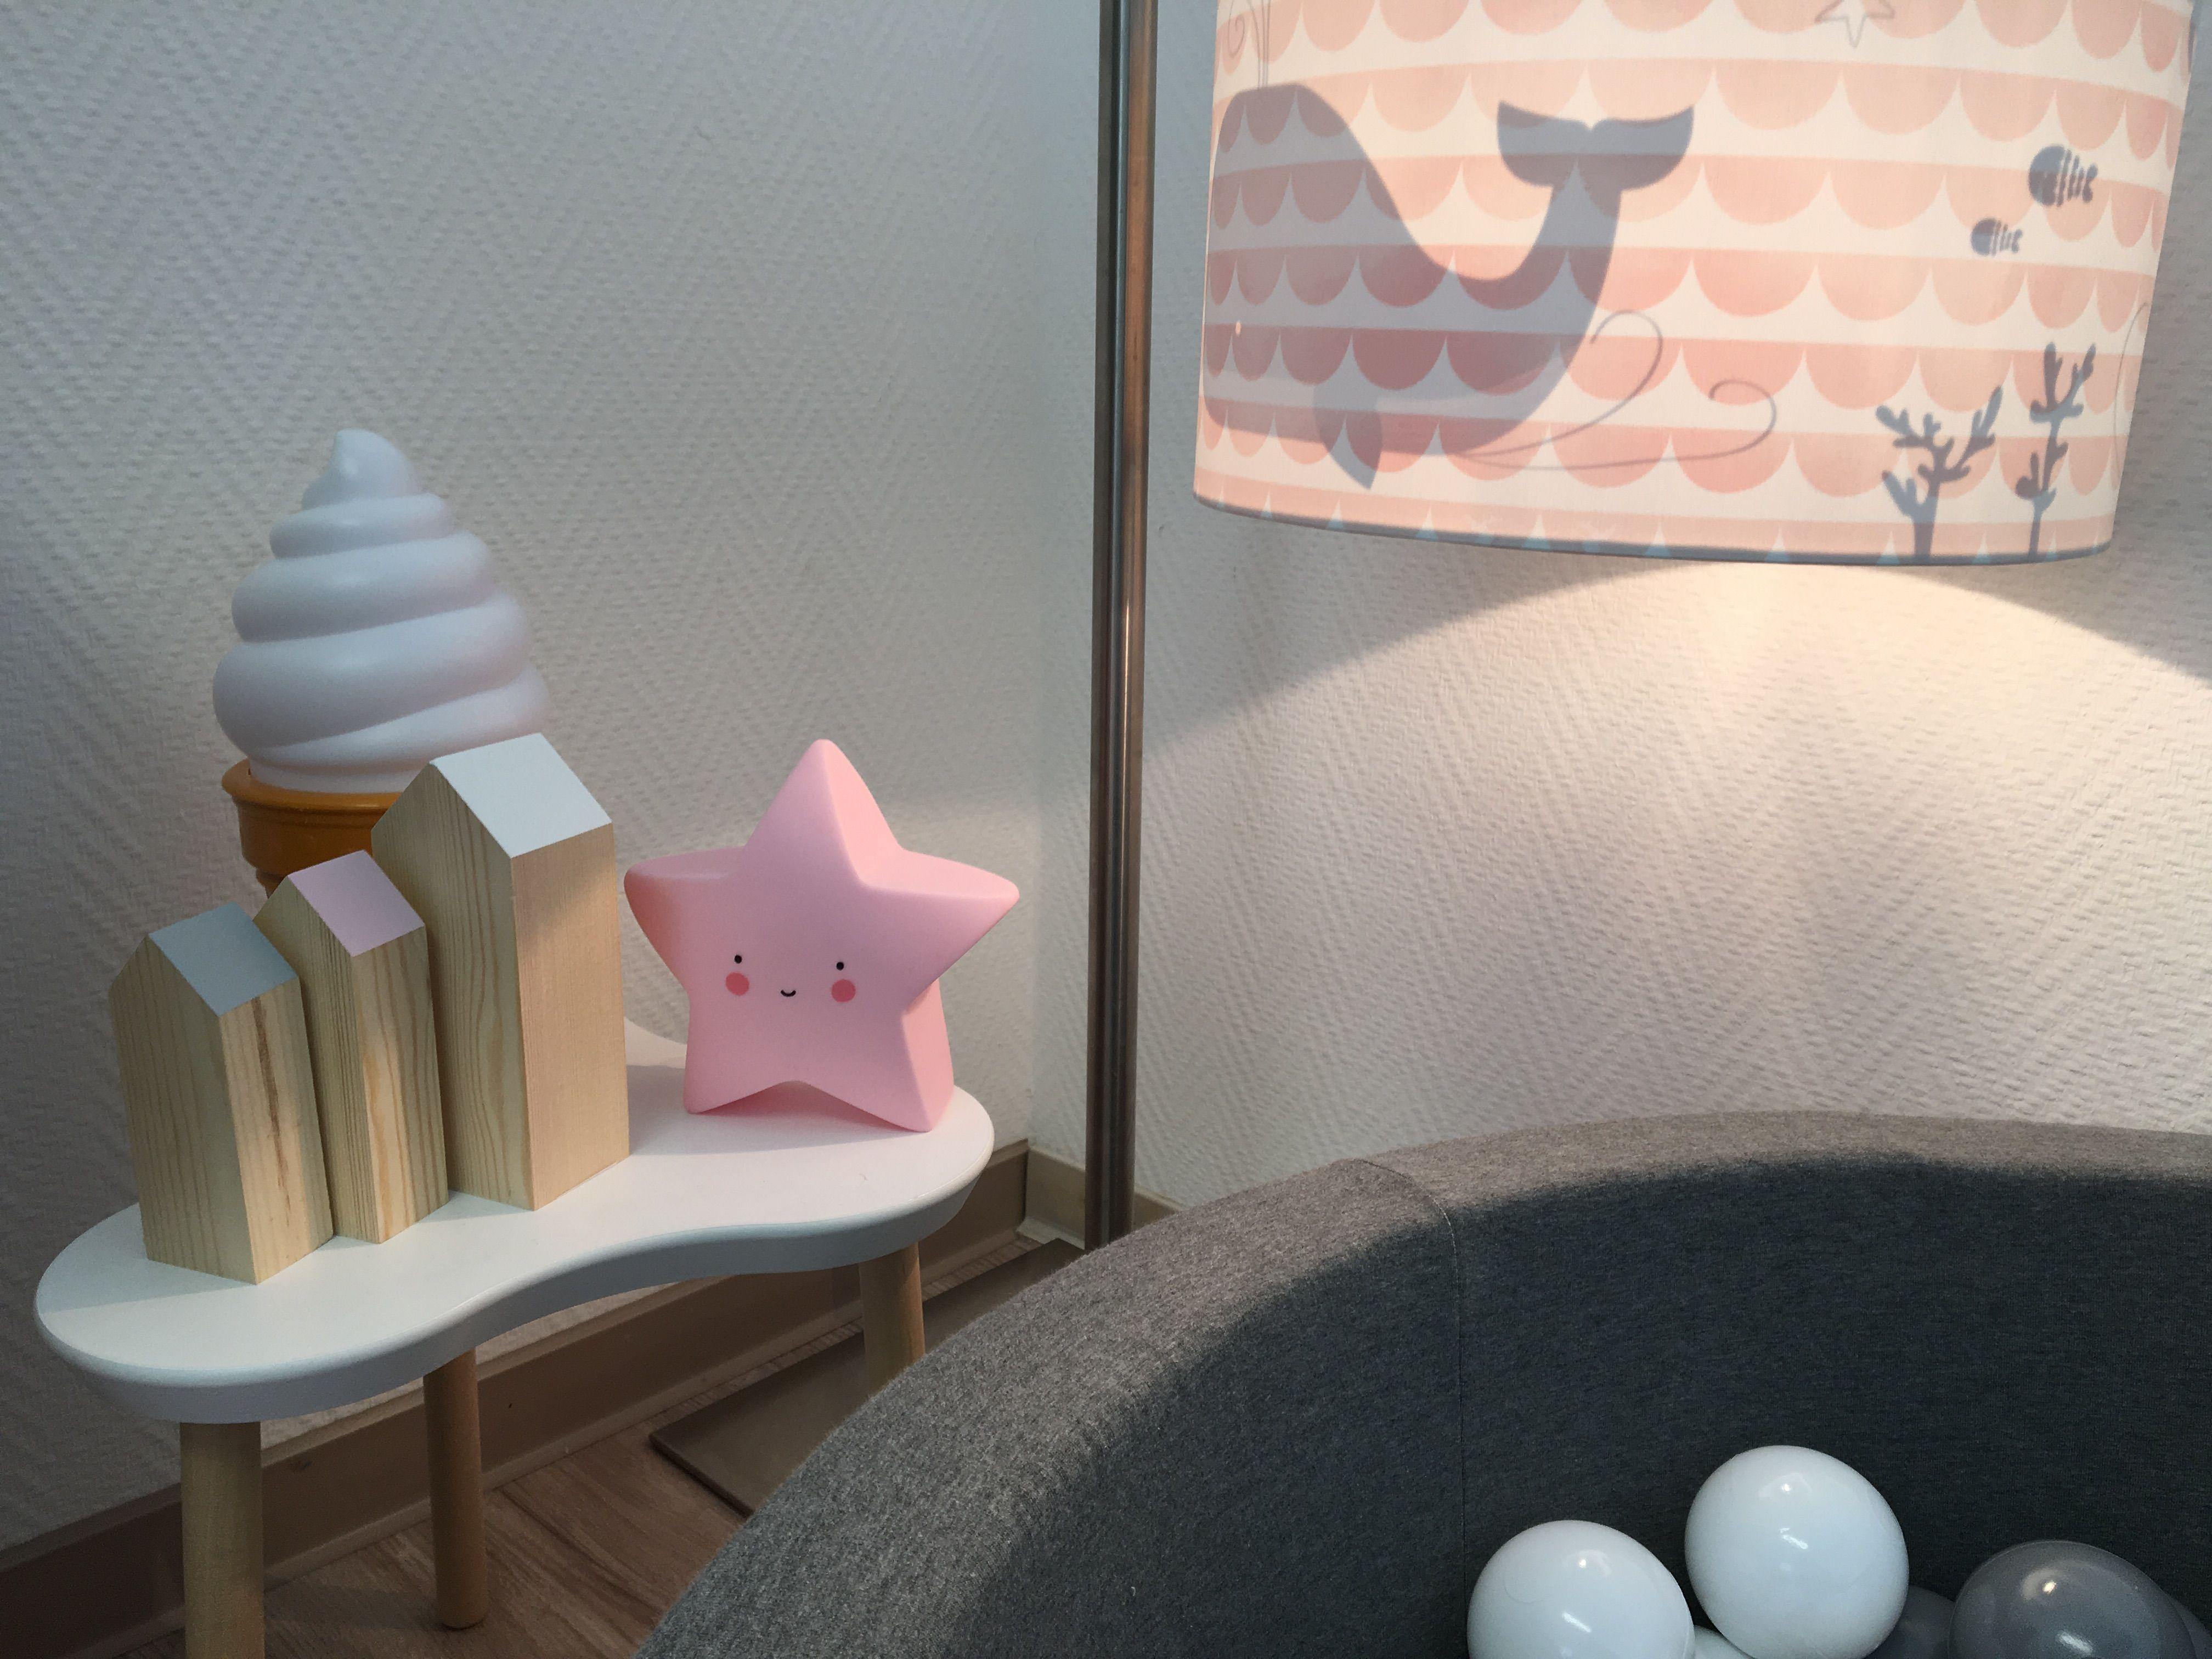 zauberhafte lampenwelt mini nachtlampen silhoutten lampen von little dutch und mehr. Black Bedroom Furniture Sets. Home Design Ideas